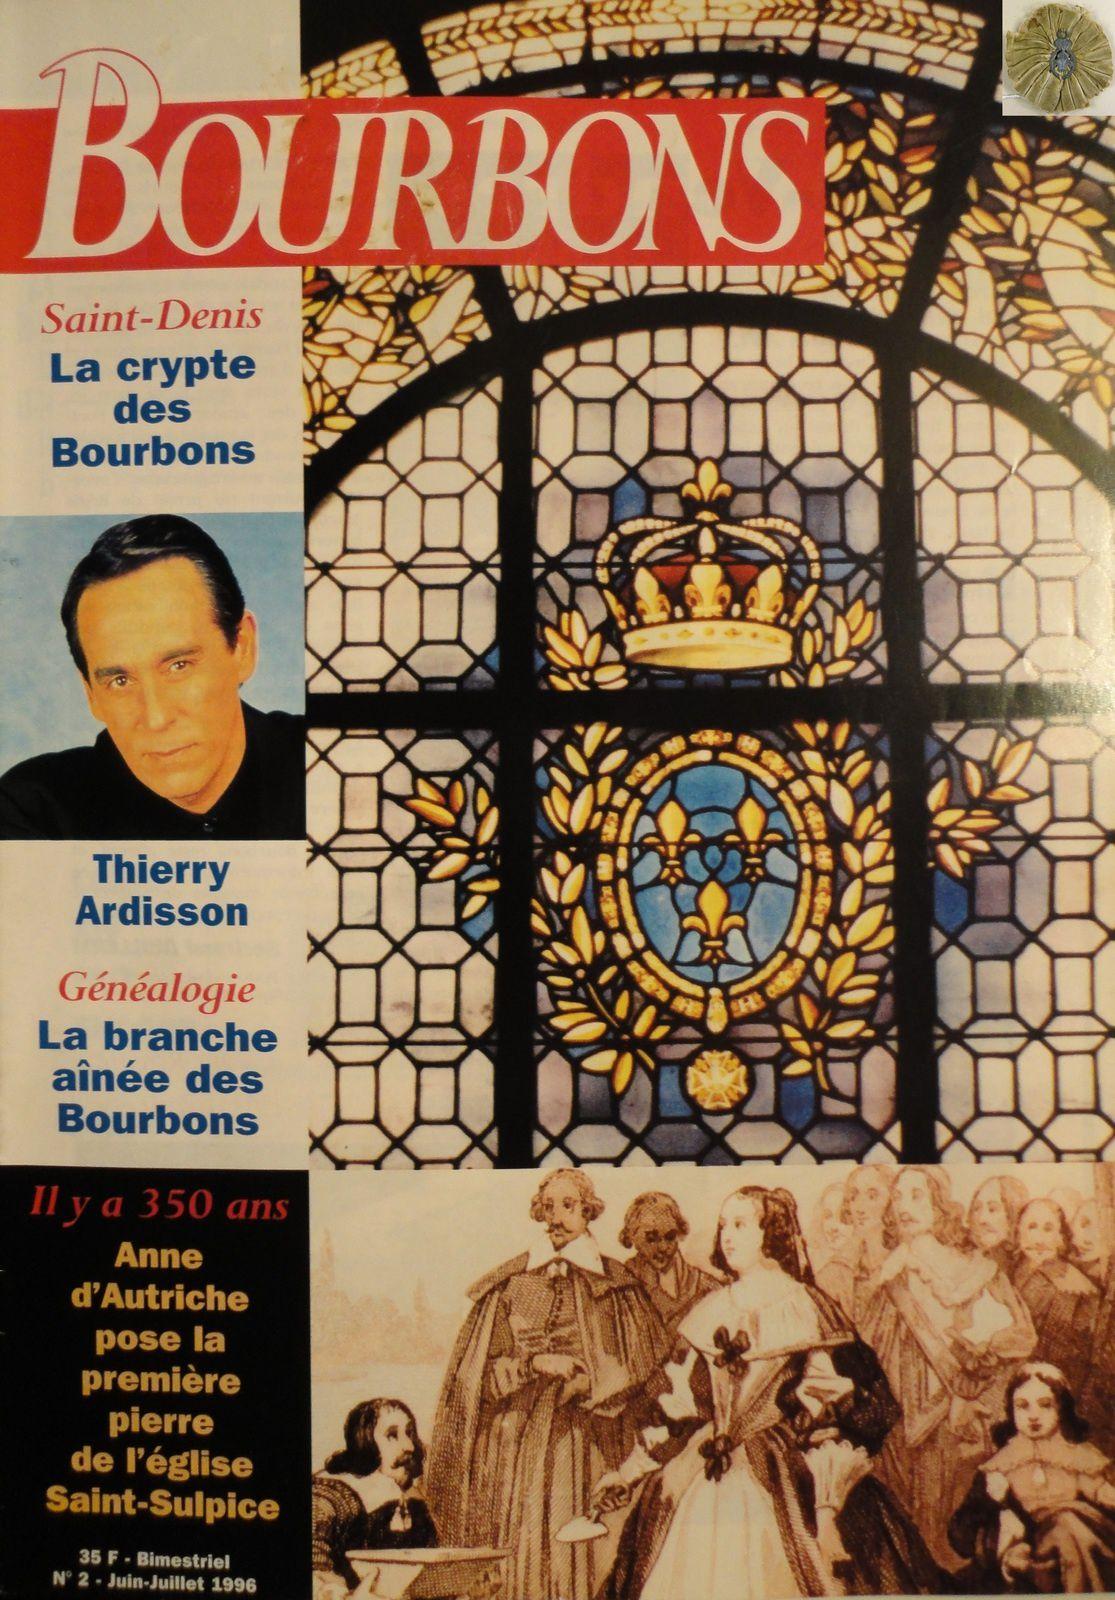 BOURBONS NUMÉRO 2 - JUIN-JUILLET 1996 (BIMESTRIEL 35 F)